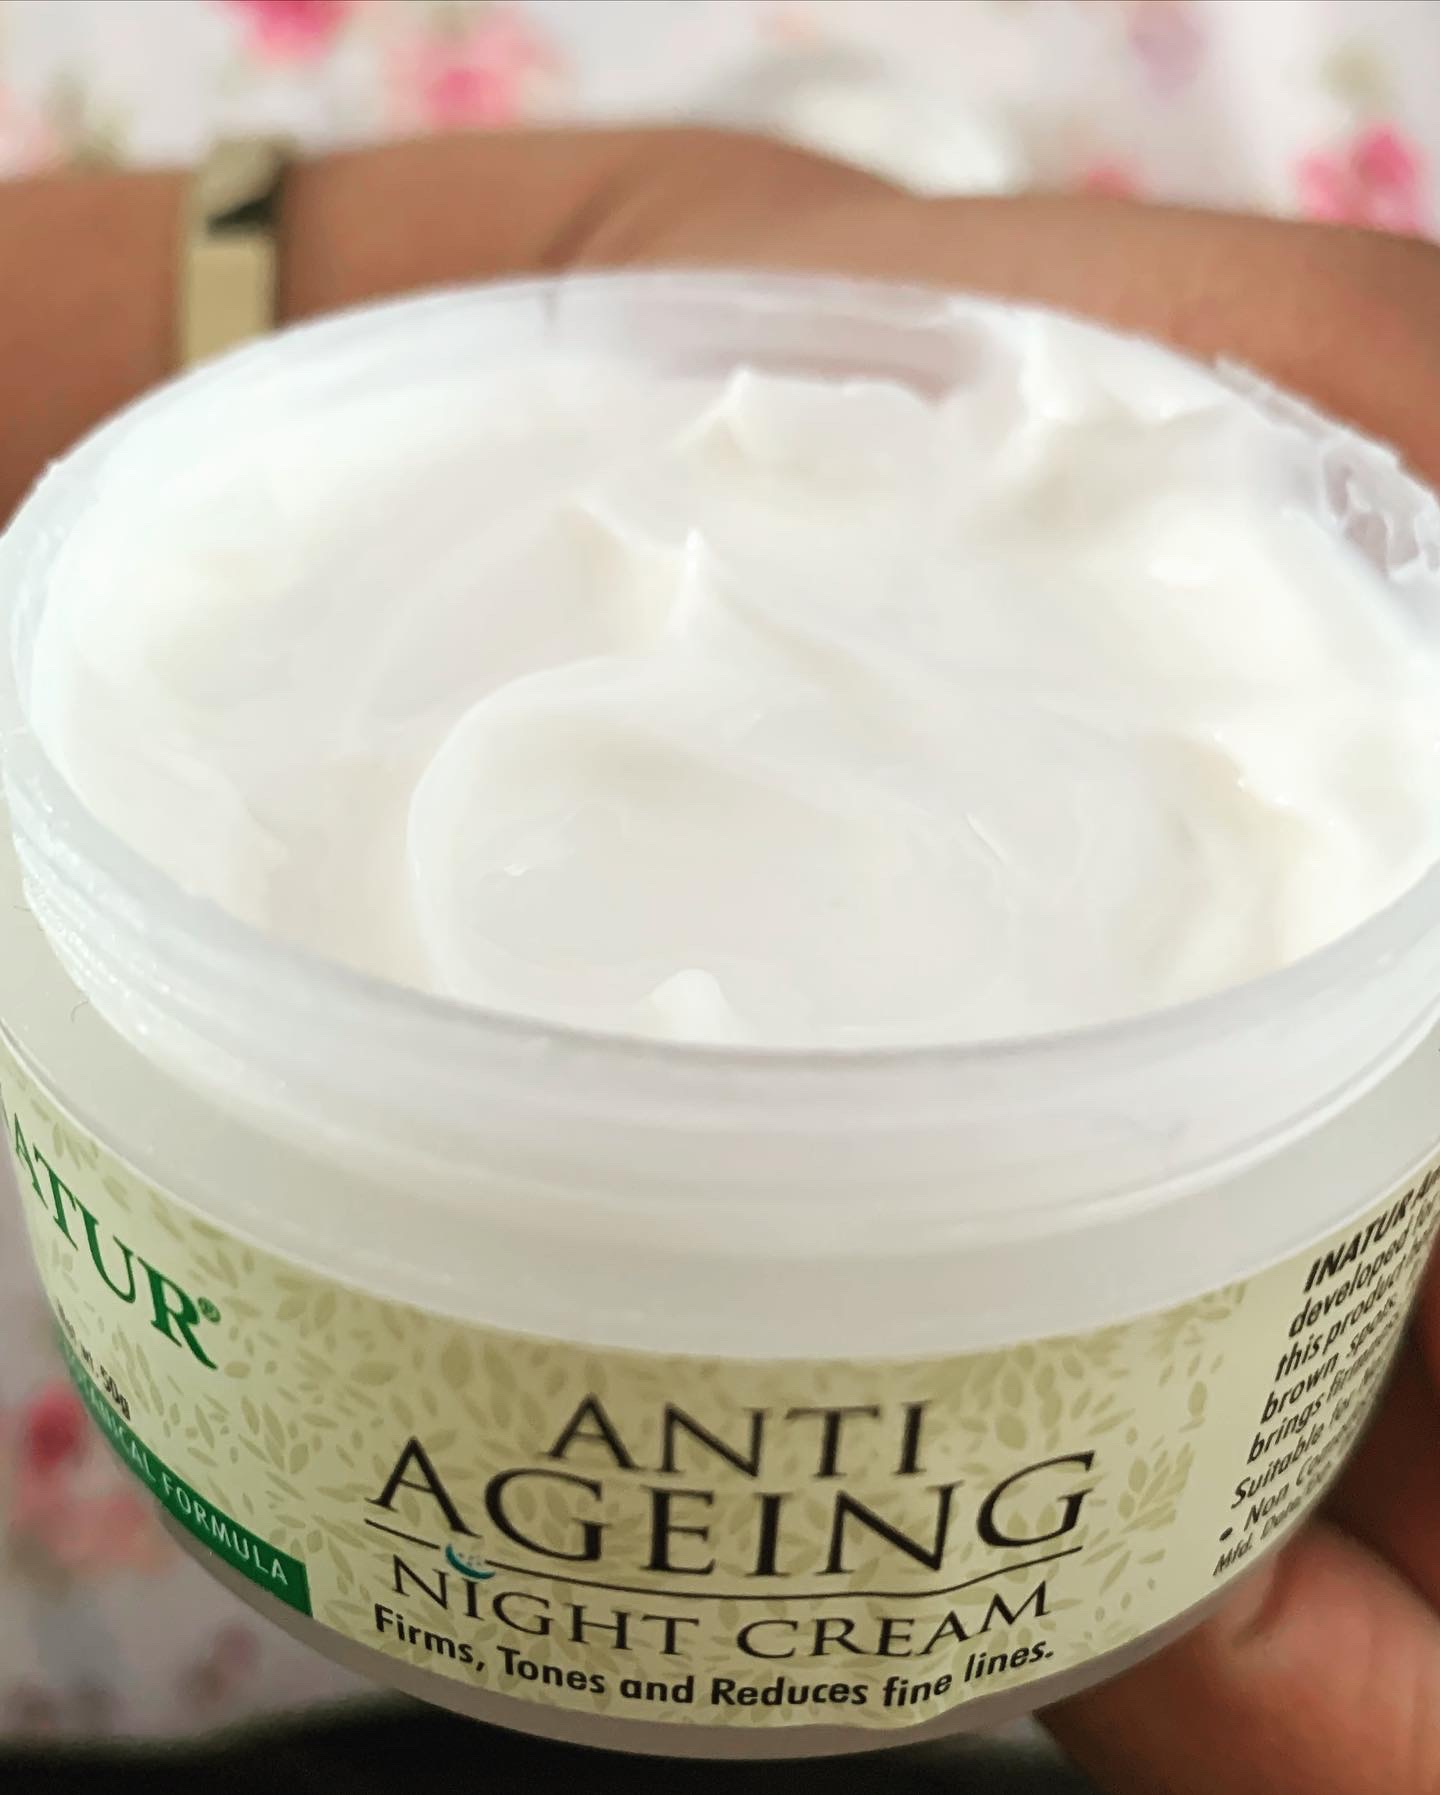 Inatur Anti-Ageing Night Cream pic 1-Nature night cream-By shivanika_dhami